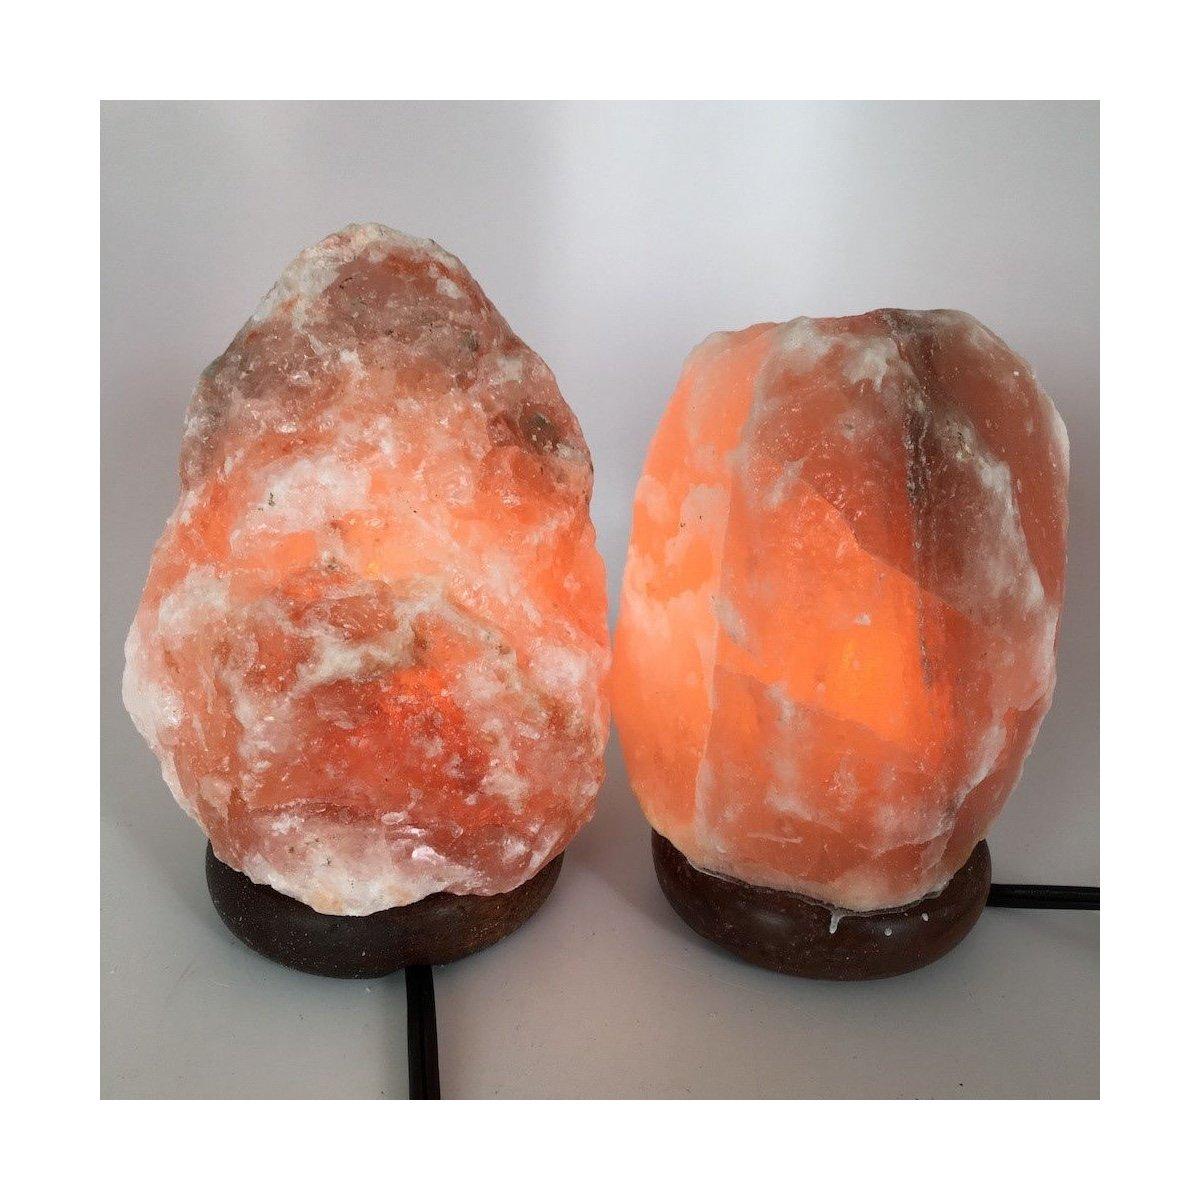 2x Himalaya Natural Handcraft Rough Raw Crystal Salt Lamp,6.75''-7.5''Tall, HL61